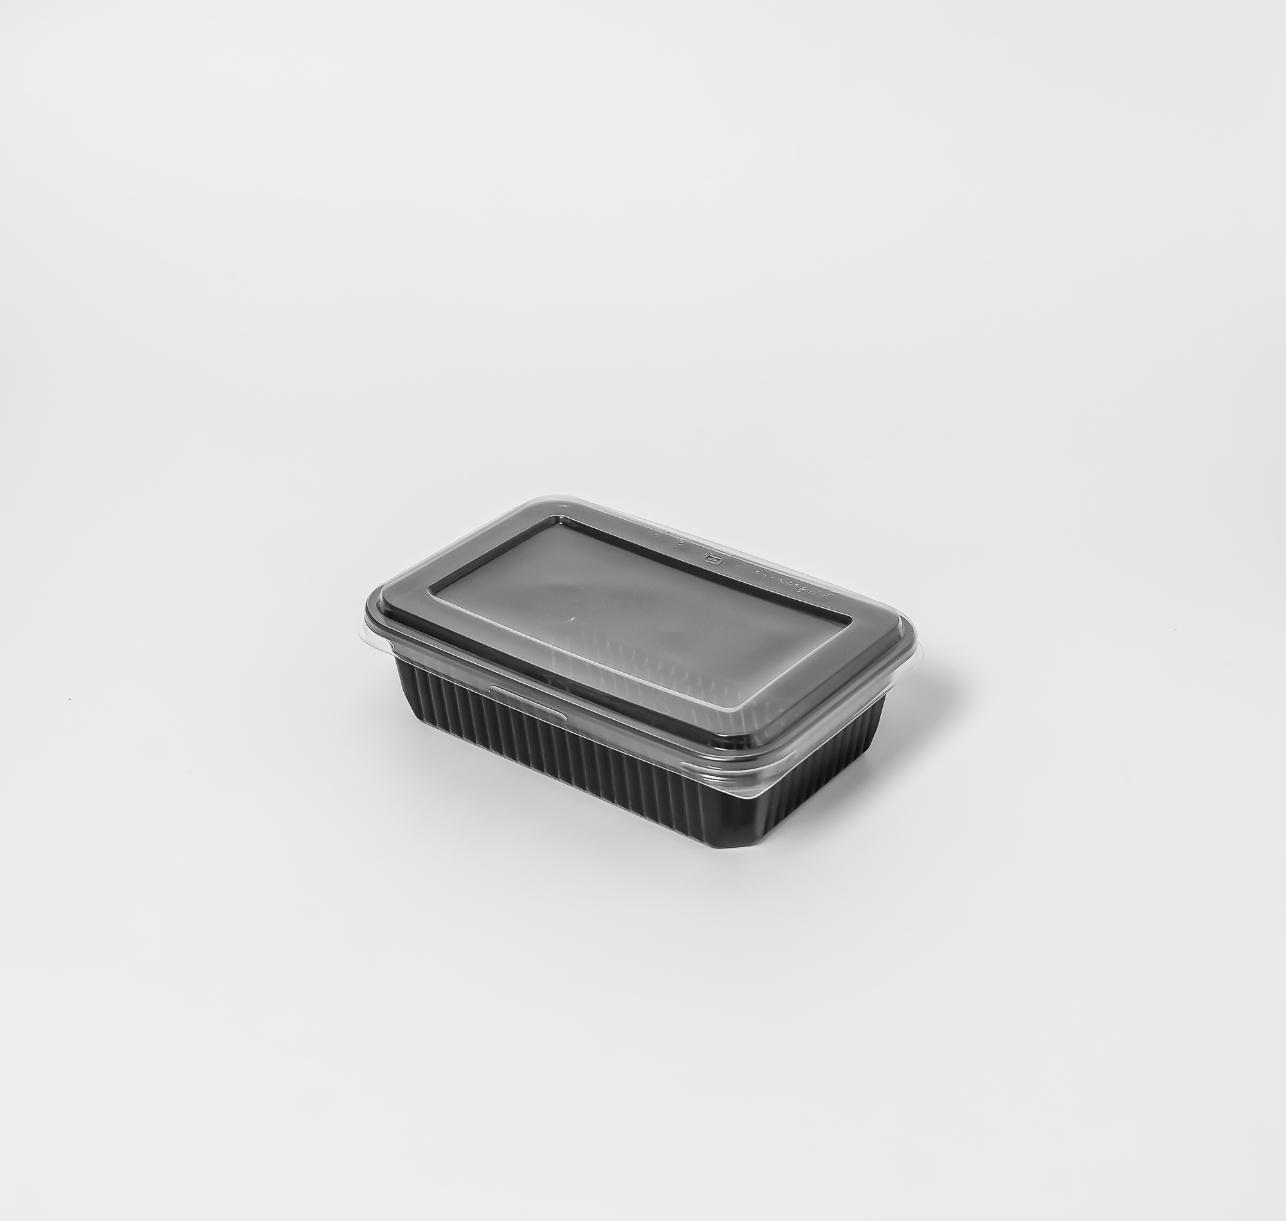 กล่องอาหารพลาสติก 1 ช่อง 650ml (ฝาไร้ฝ้า)